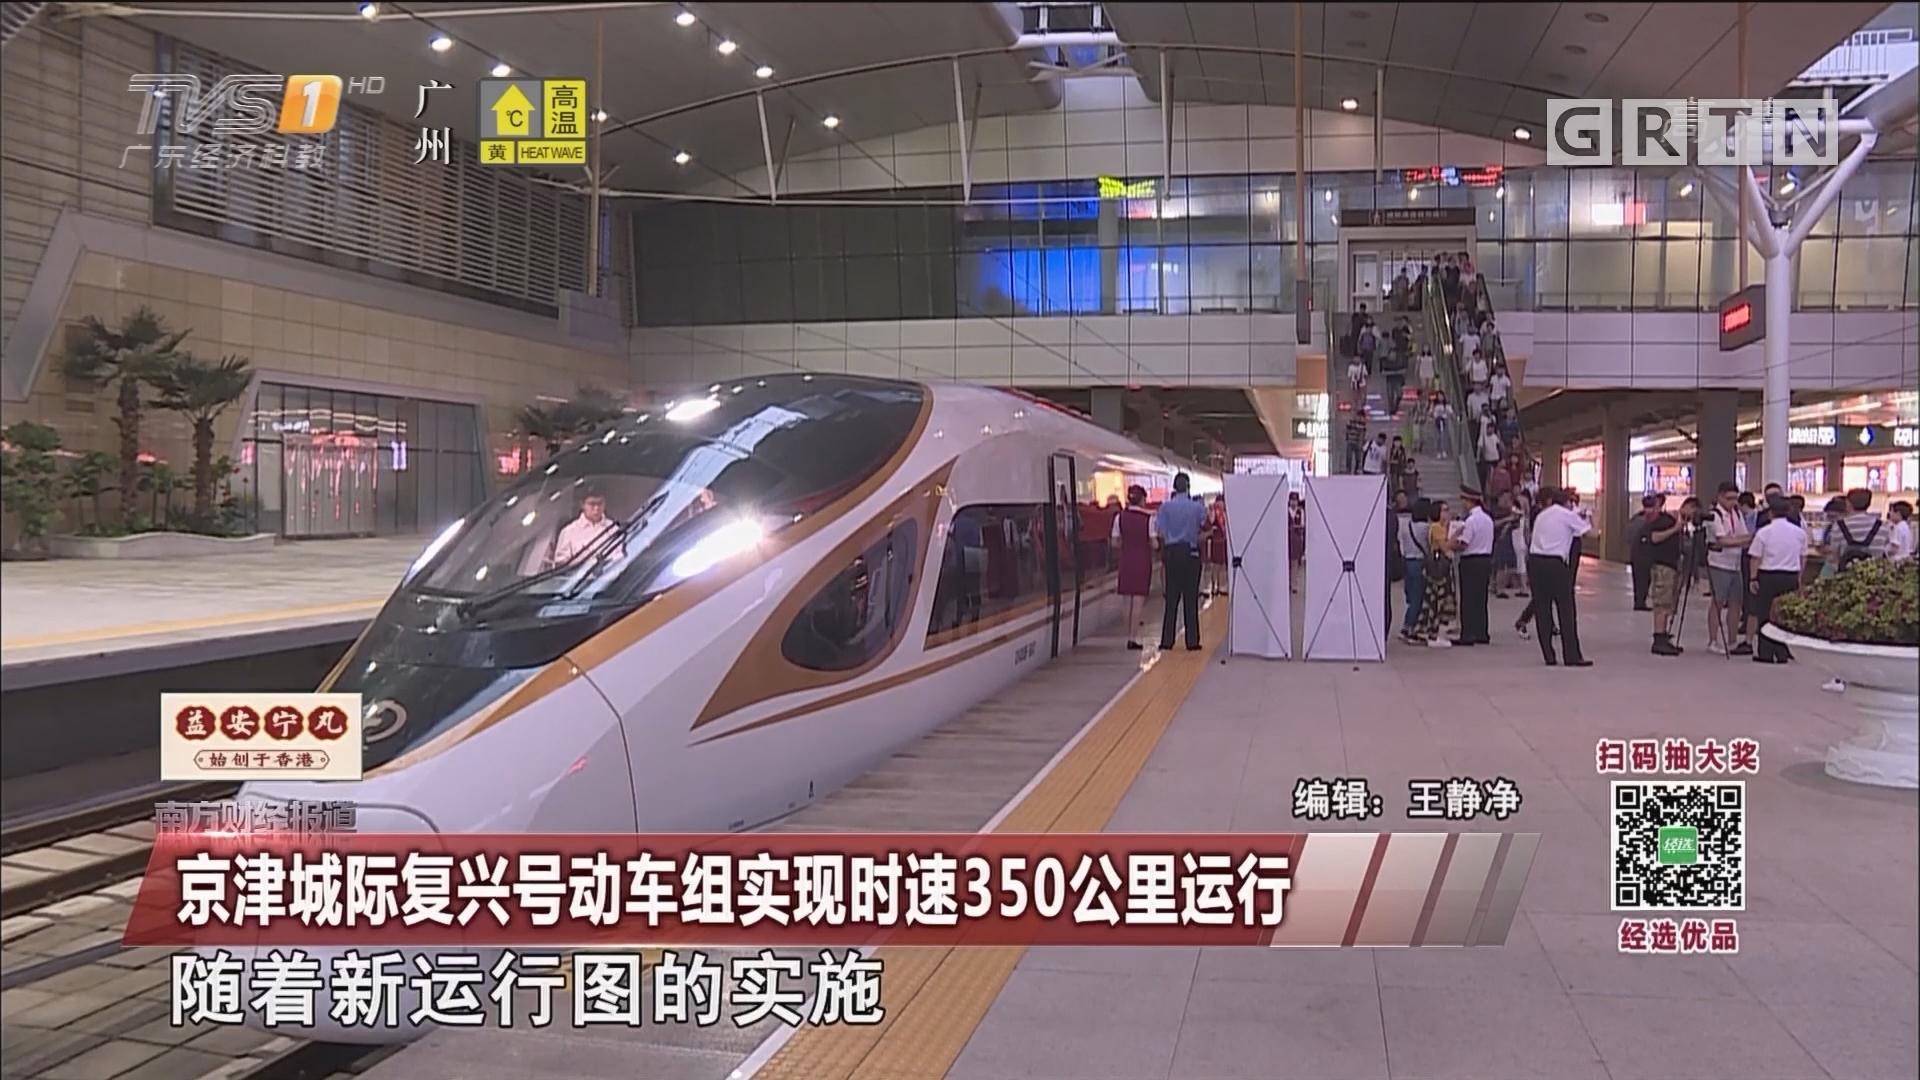 京津城际复兴号动车组实现时速350公里运行